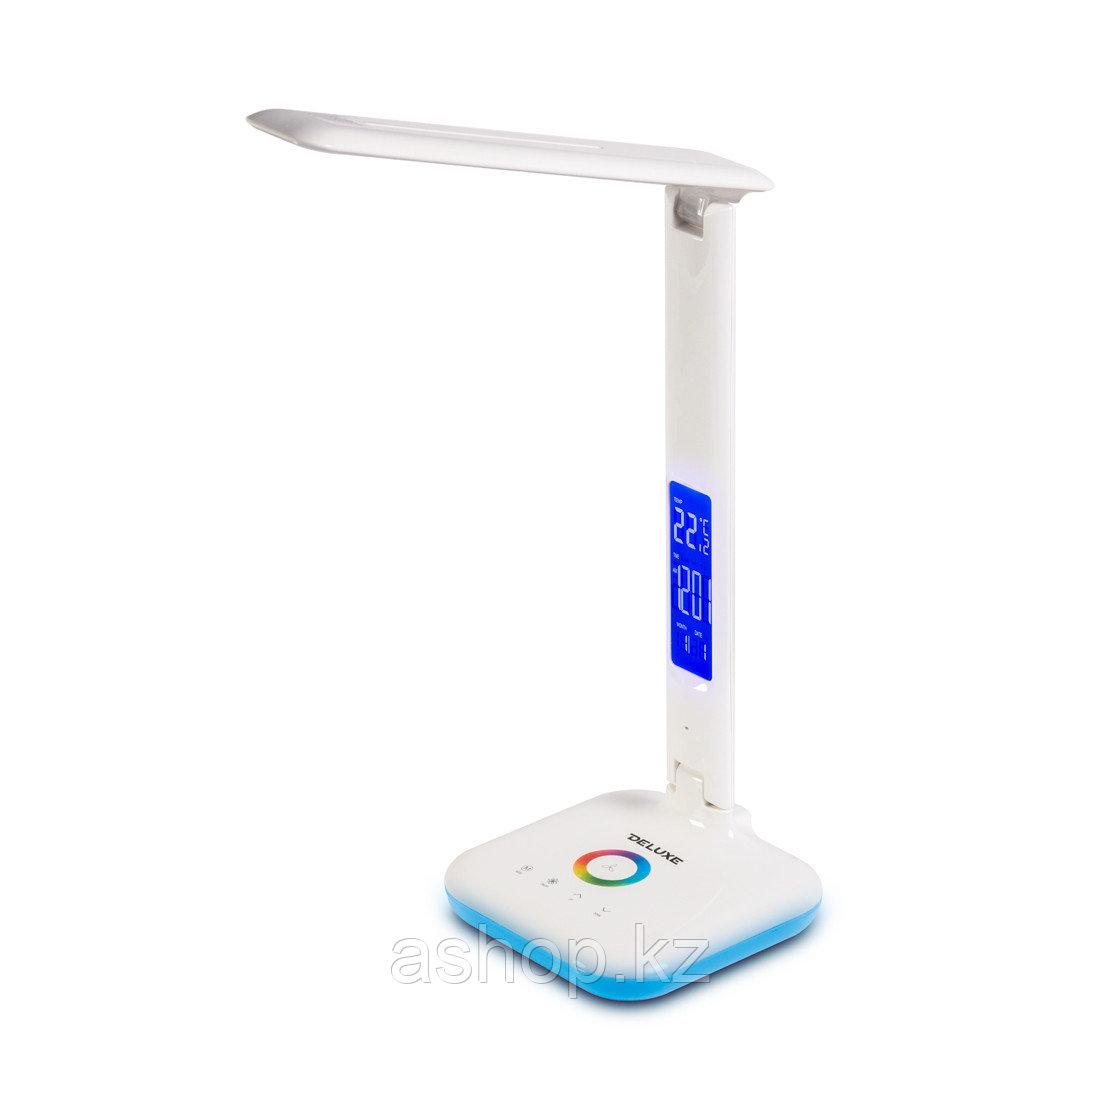 Лампа настольная светодиодная (LED) Deluxe SOHO, Регулировка яркости: 3 степени яркости, Цветовая температура: